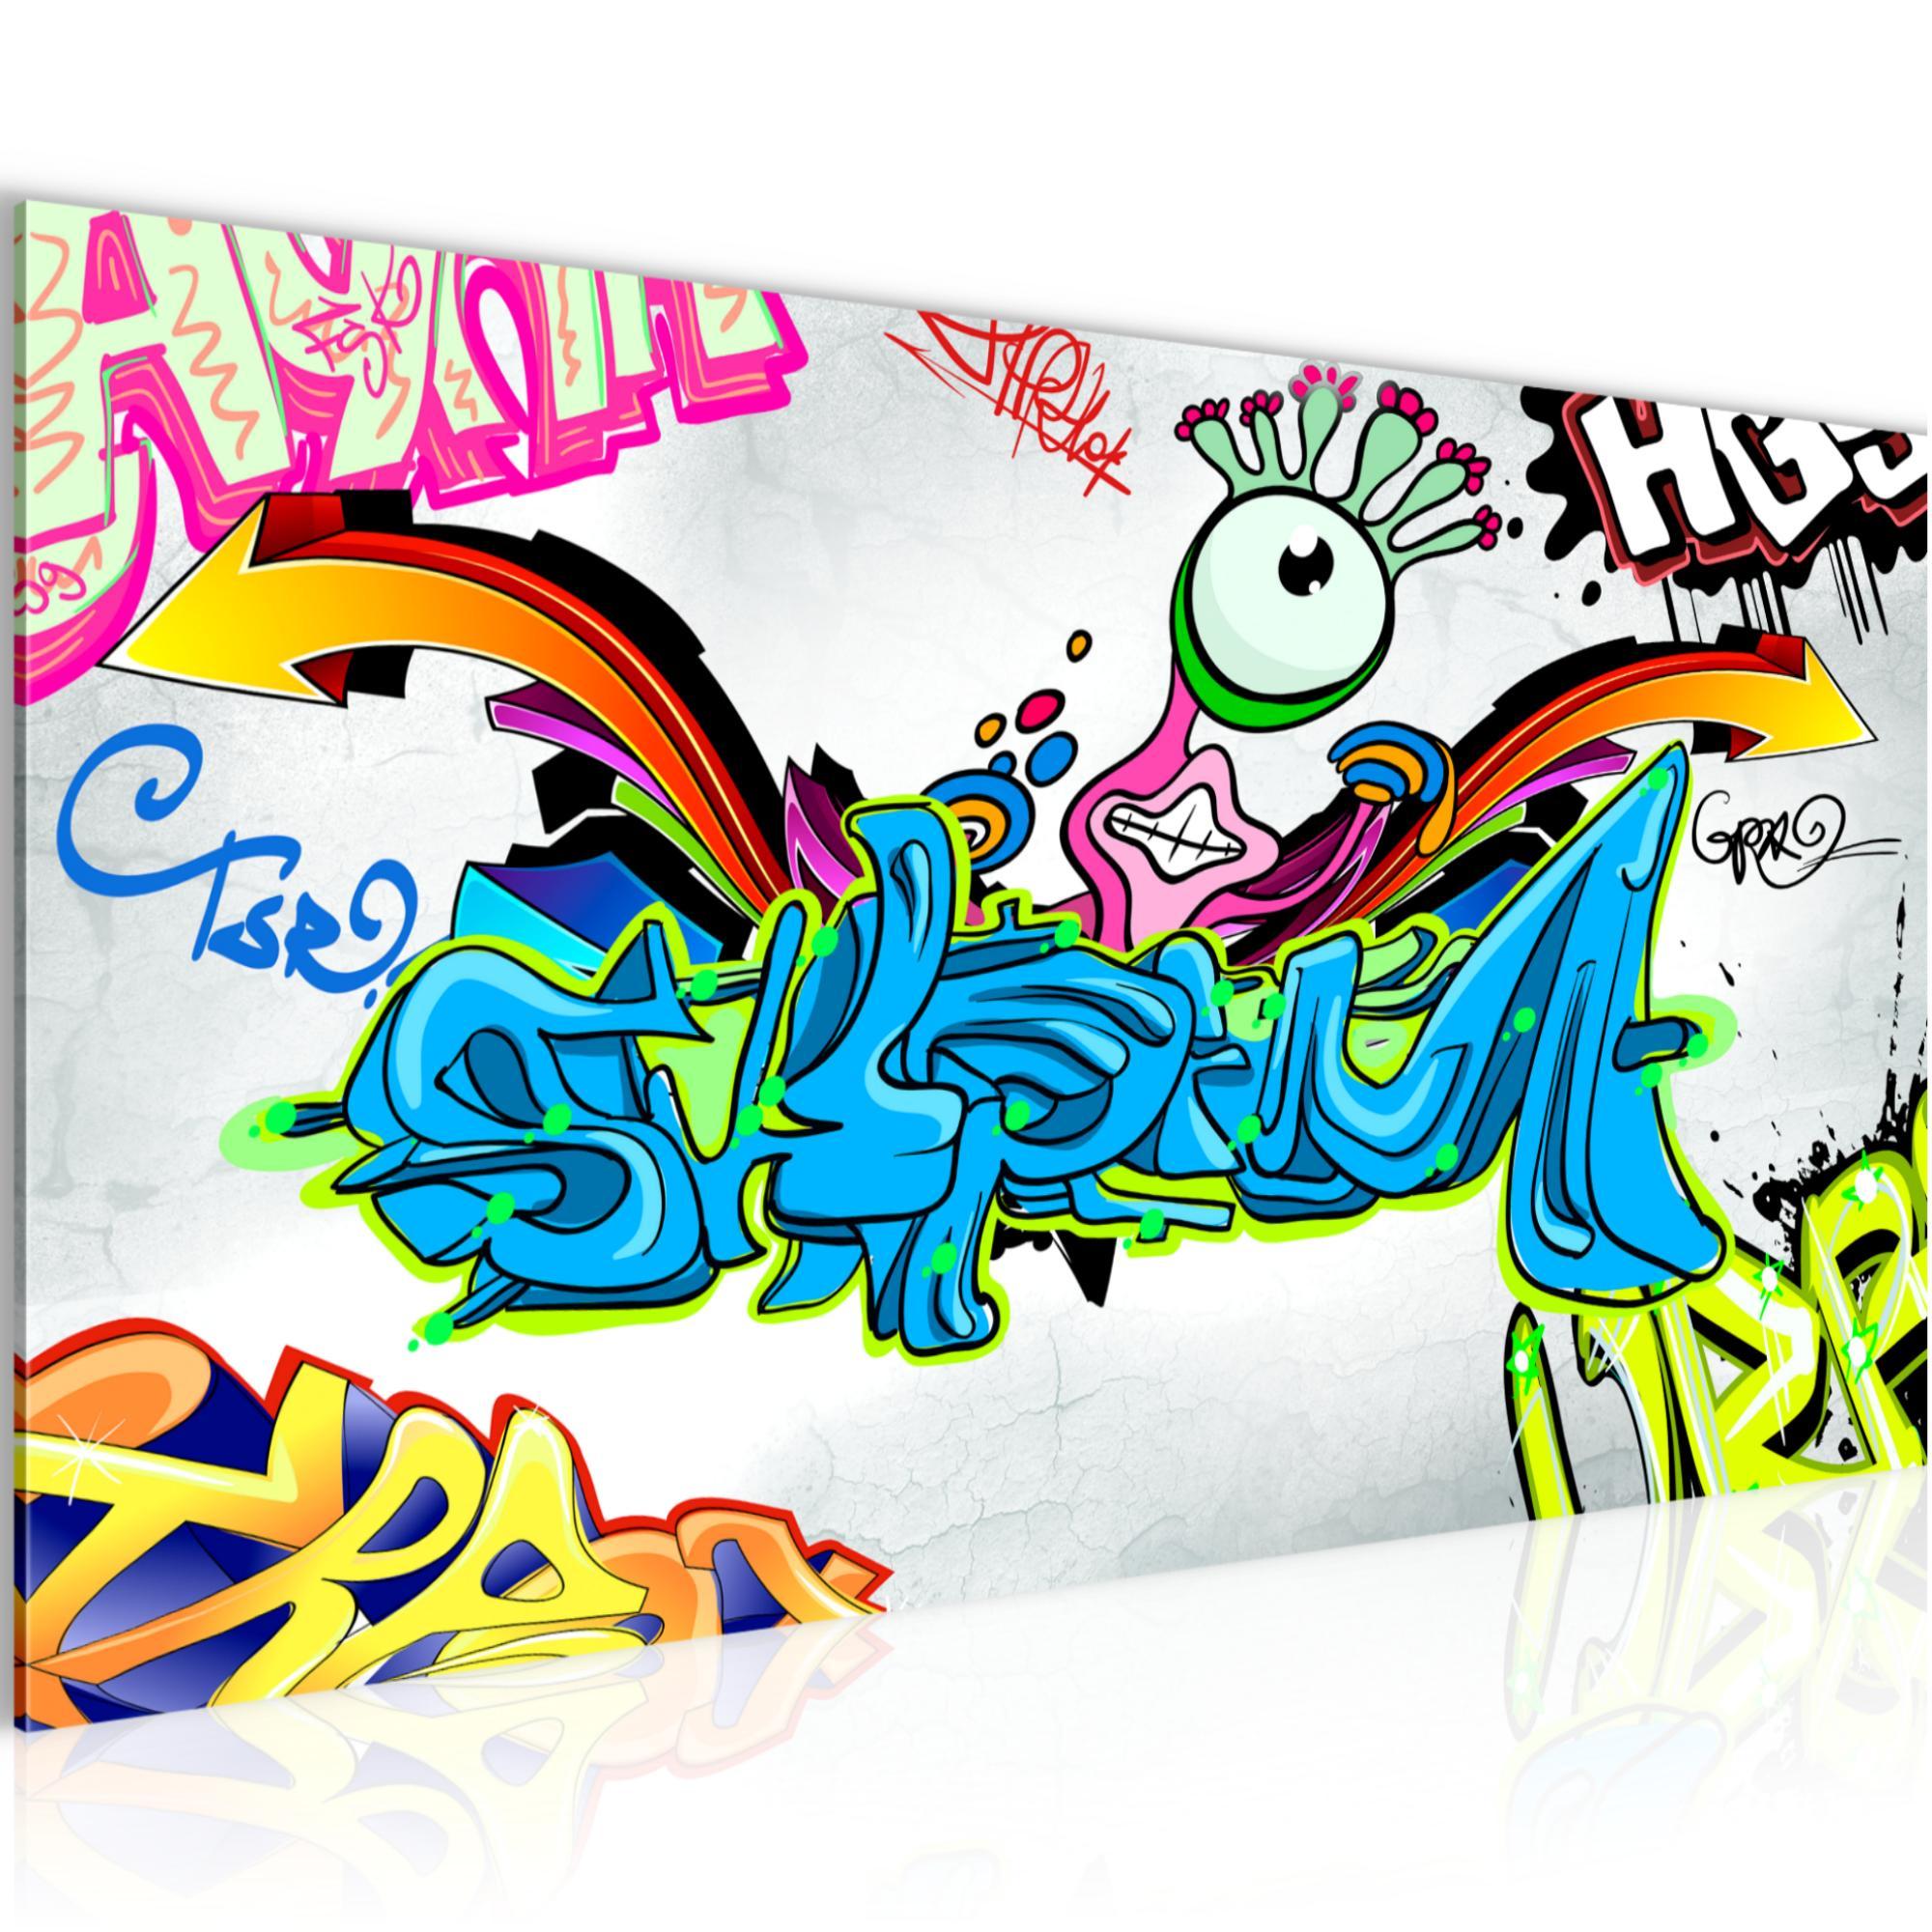 f808f3a0b0 Graffiti Street Art BILD KUNSTDRUCK - AUF VLIES LEINWAND - XXL DEKORATION  401612P Bild 1